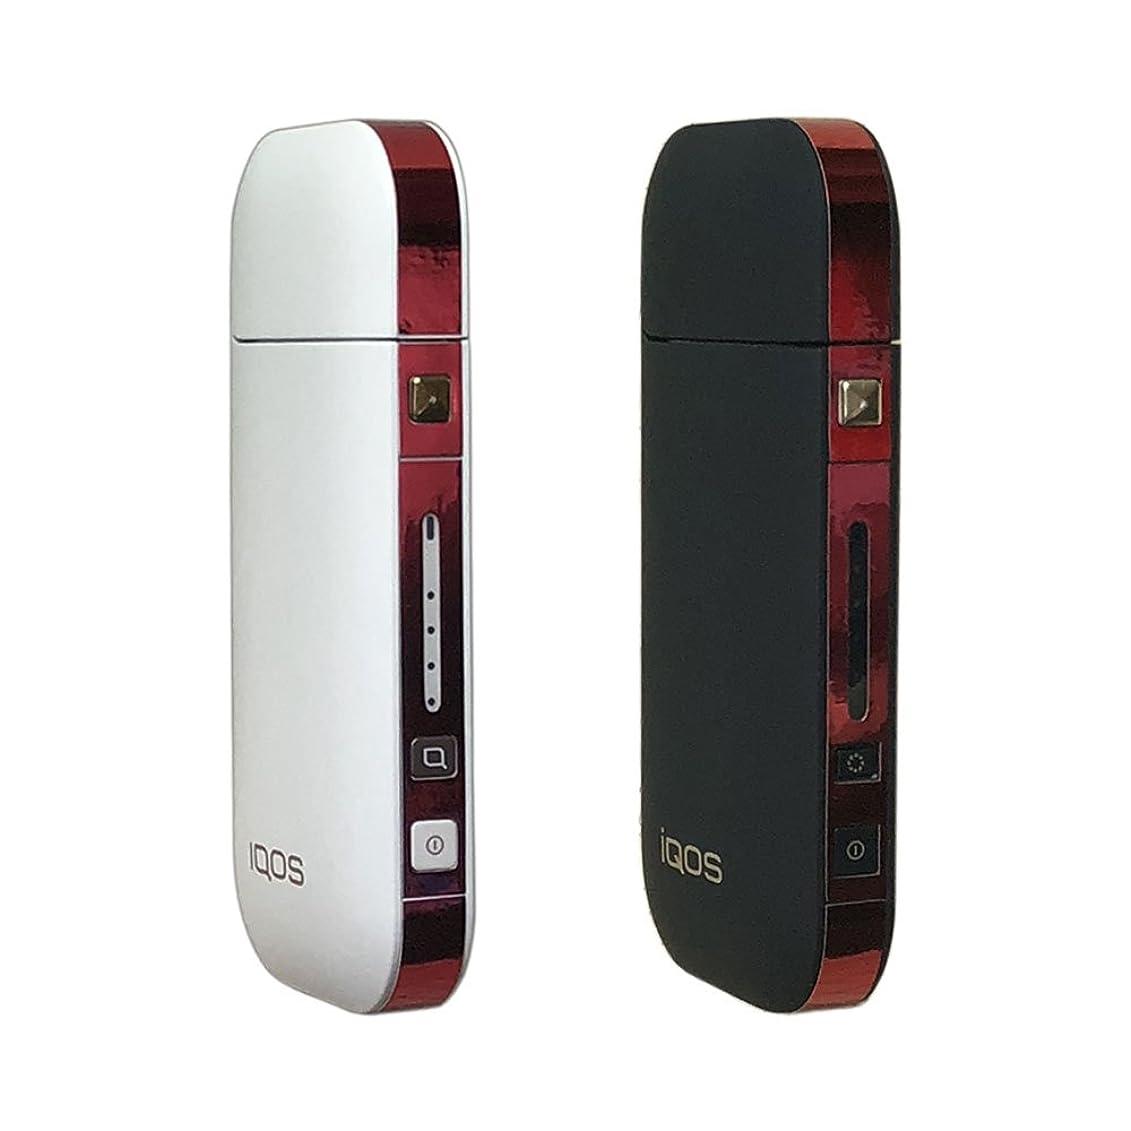 ストロークシーサイドを必要としていますアイコス デコレーション シール 新型対応!! 側面タイプ Ange Japan for iQOS AJ-04007 クロムメッキレッド